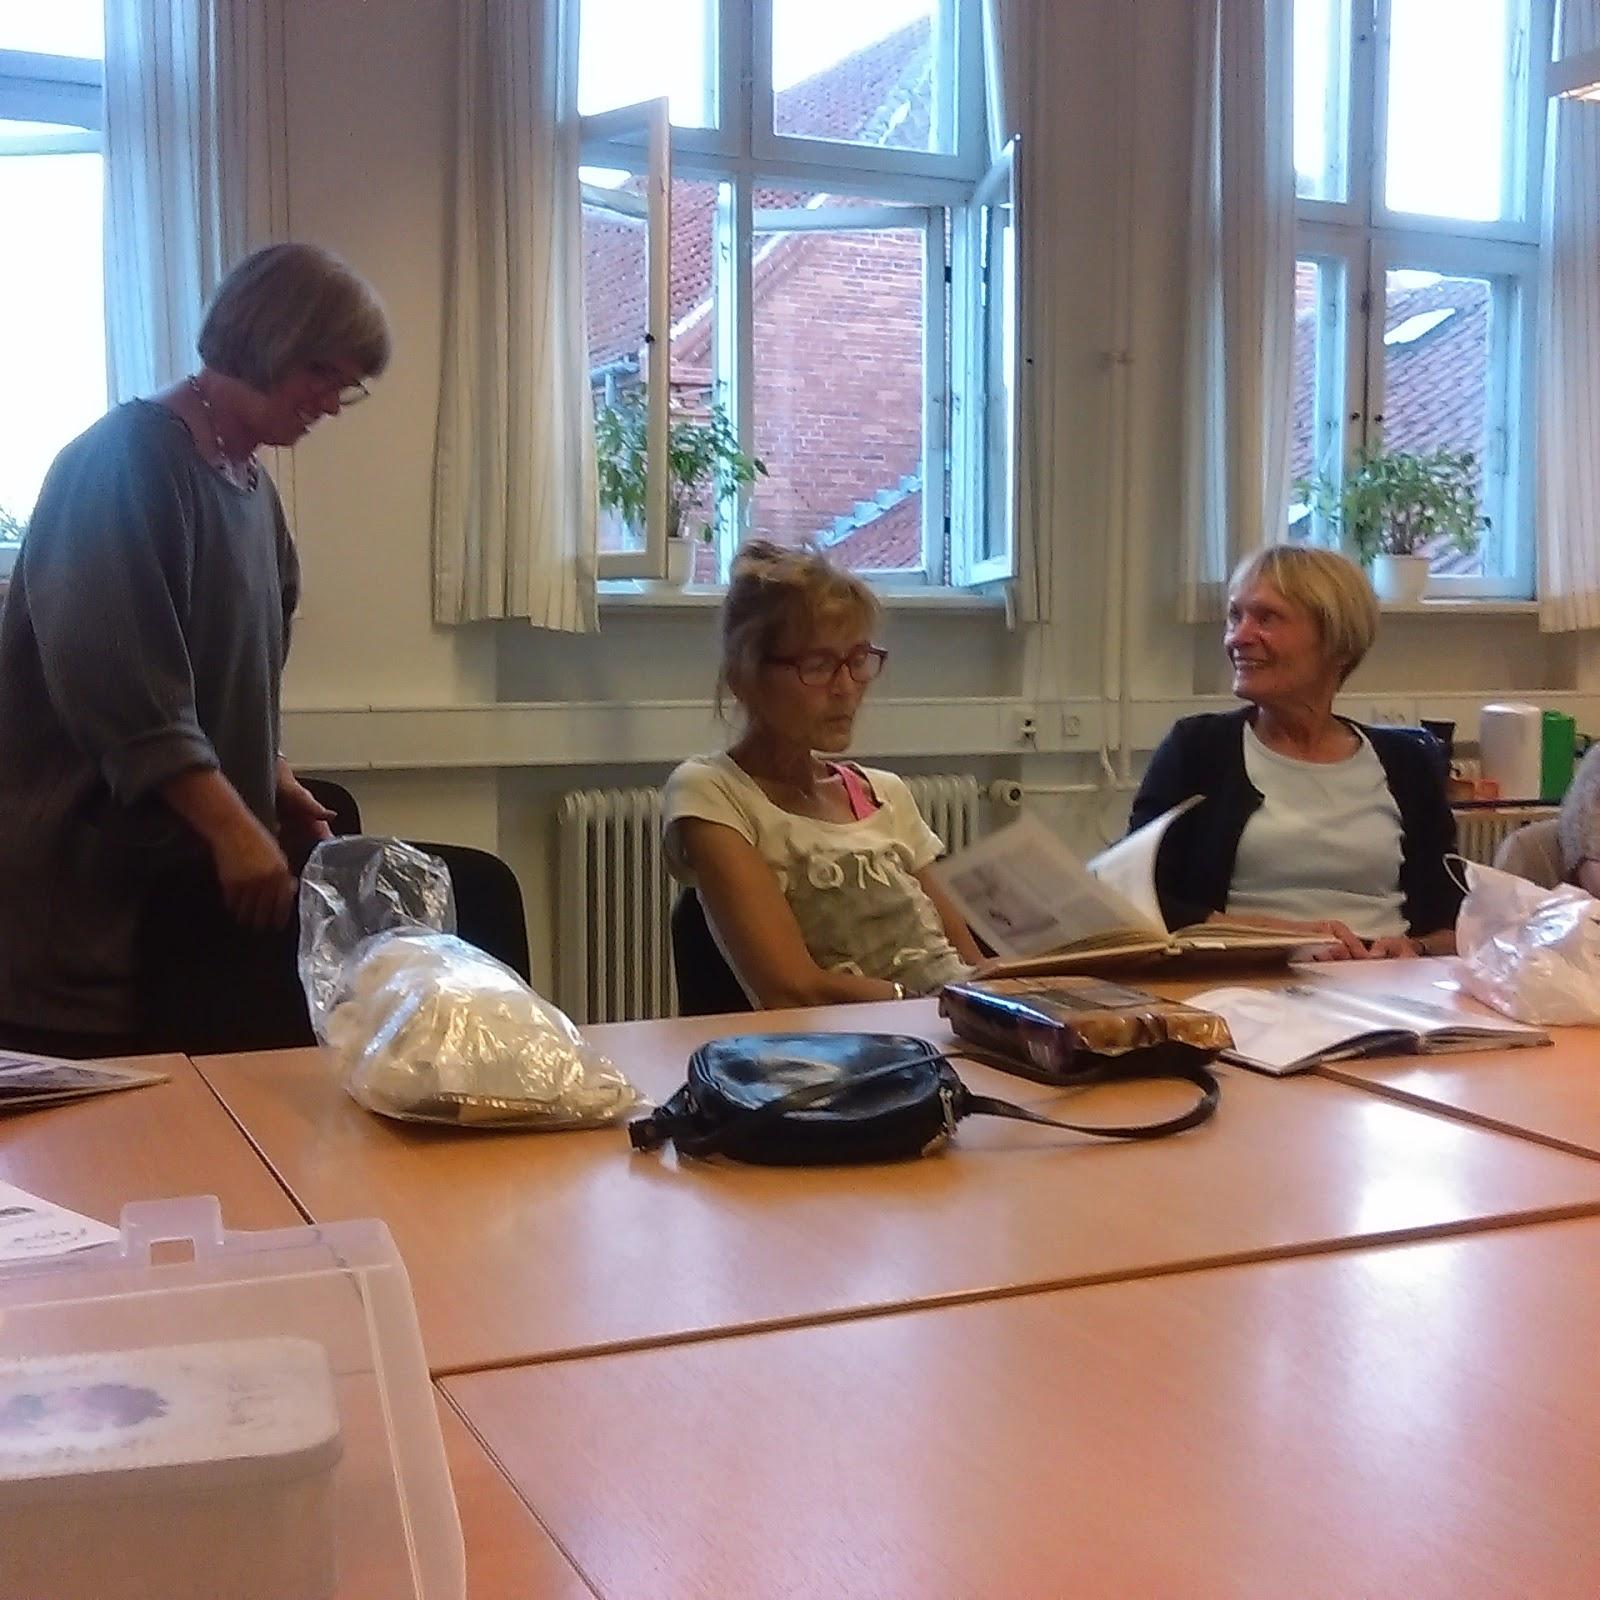 #286EA3 Bedst Det Kreative Værksted: August 2015 Gør Det Selv Værksted Lolland Falster 6383 160016006383